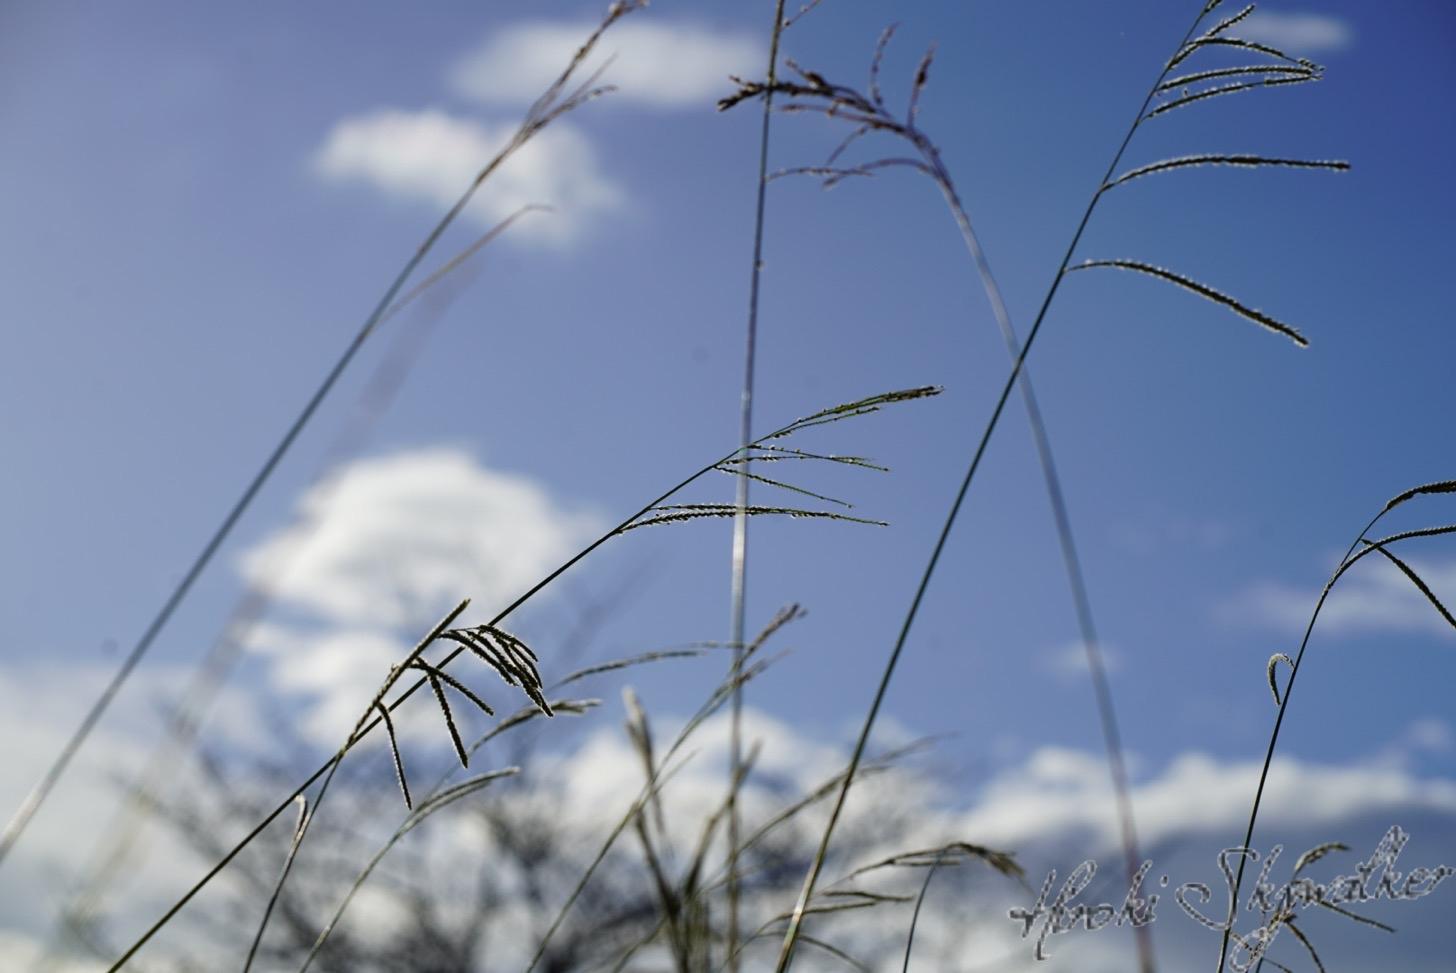 【写真】秋の公園:85ミリレンズで切り取ってみる